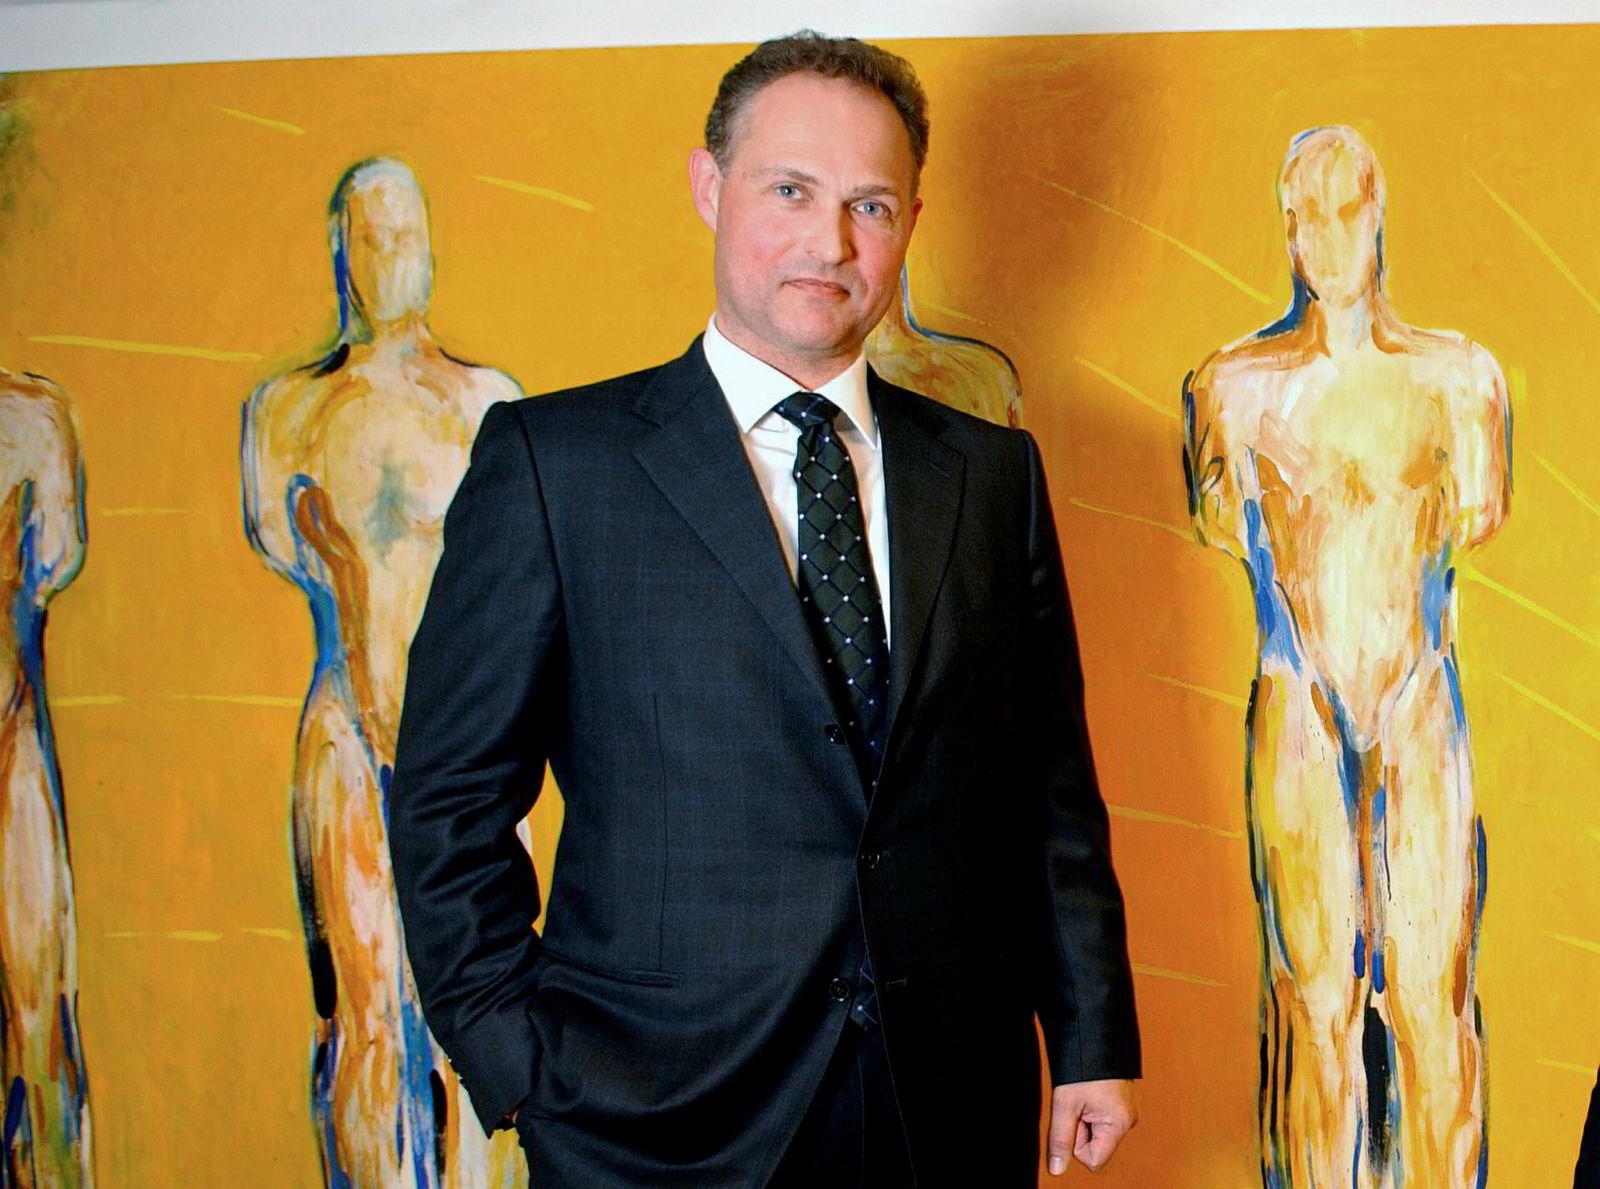 Narve Reiten eier 65 prosent av Ingerø Reiten Investment Company.